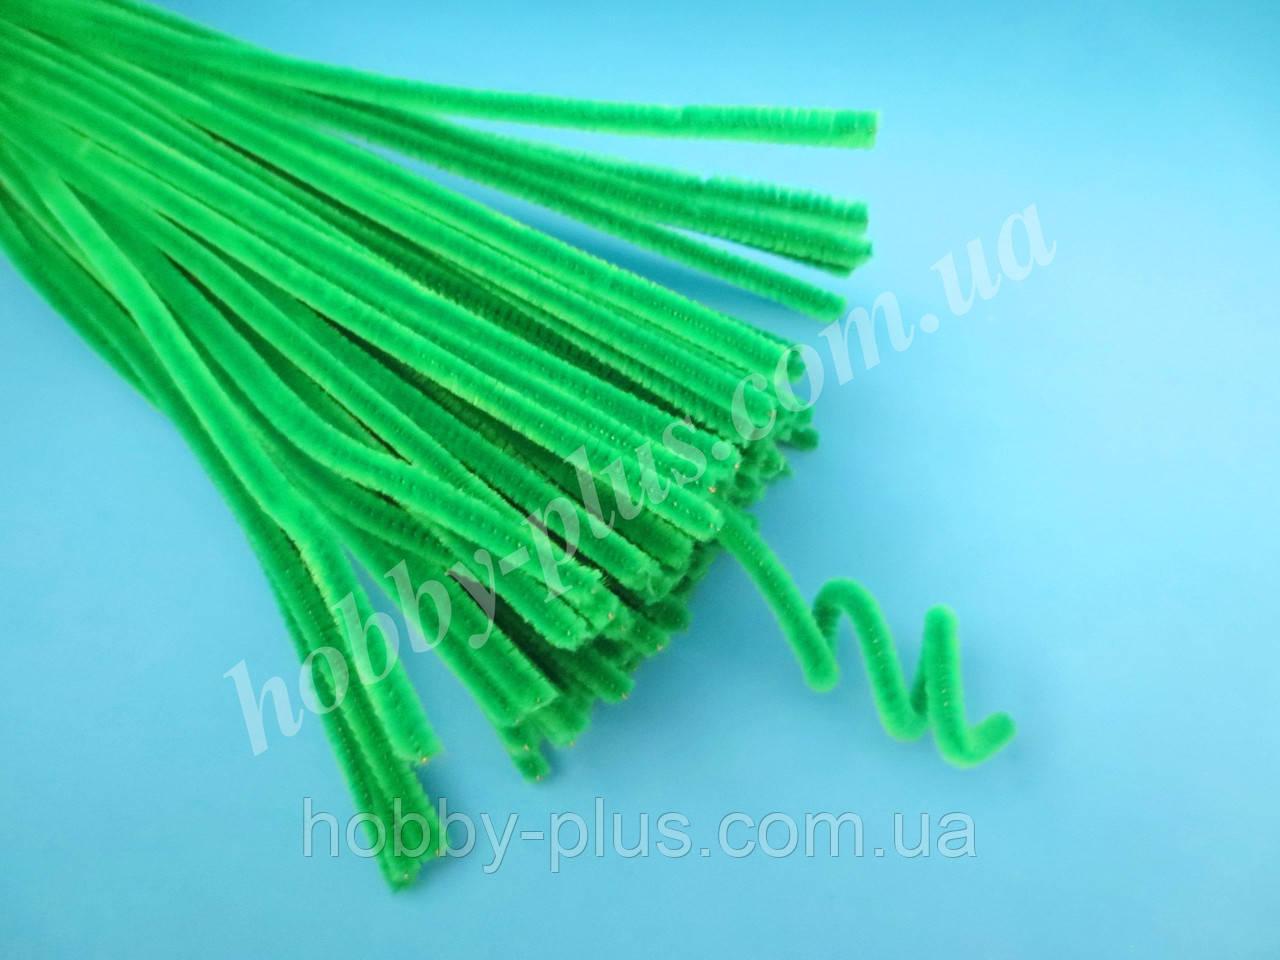 Синельная проволока, 30 см, цвет - зеленый, 10 шт, фото 1